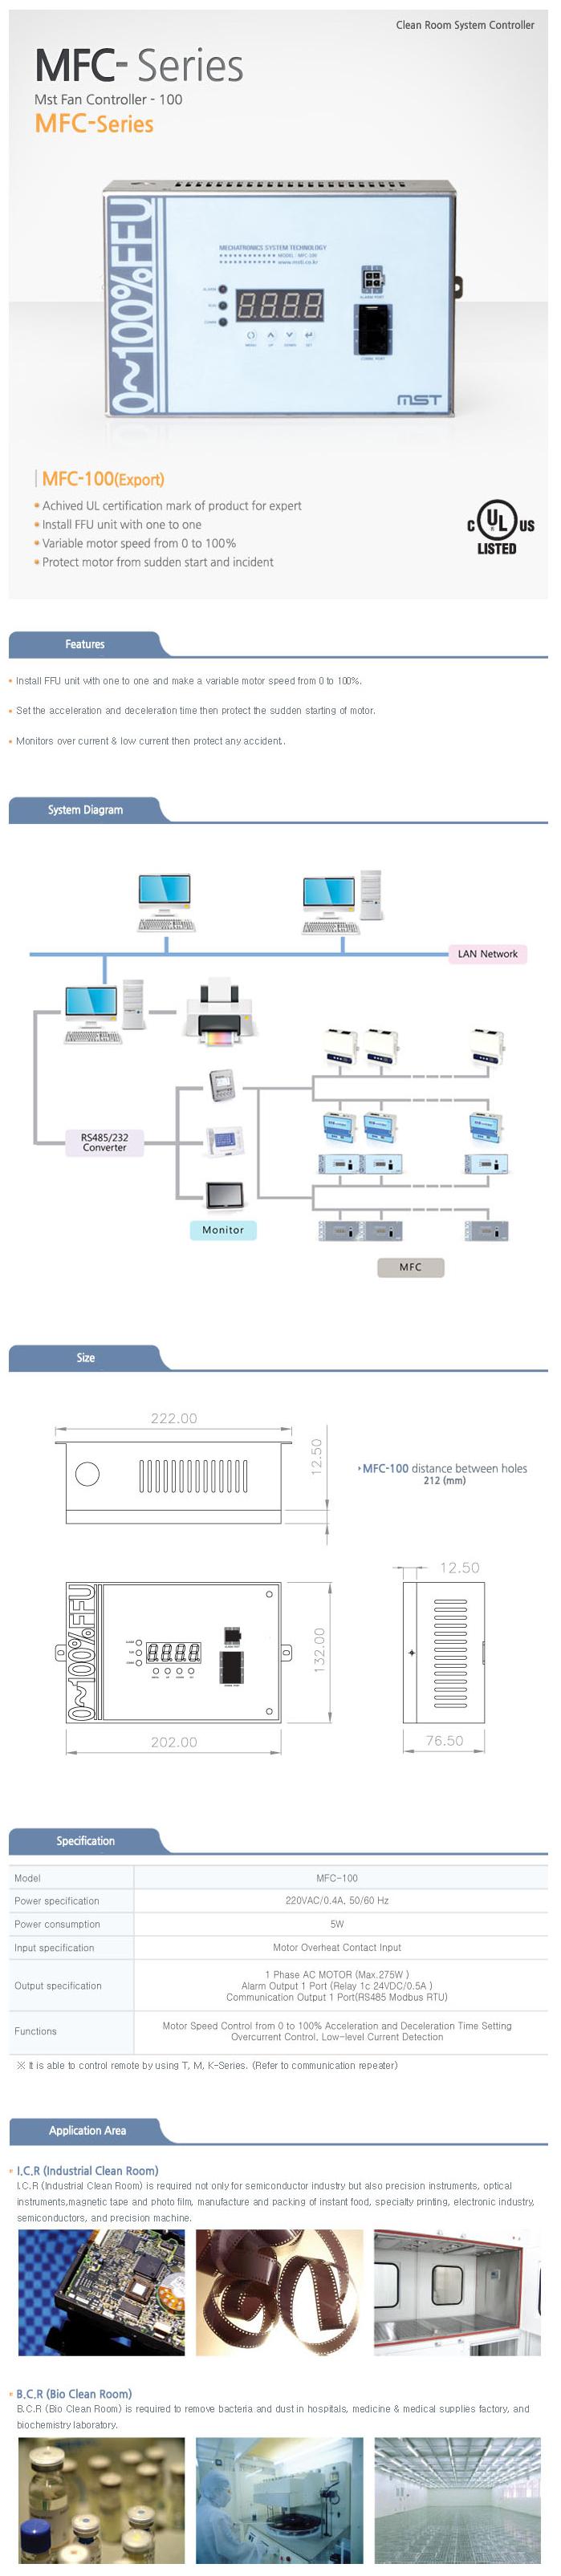 MST Fan Control 0~100% (UL Certificated) MFC-100